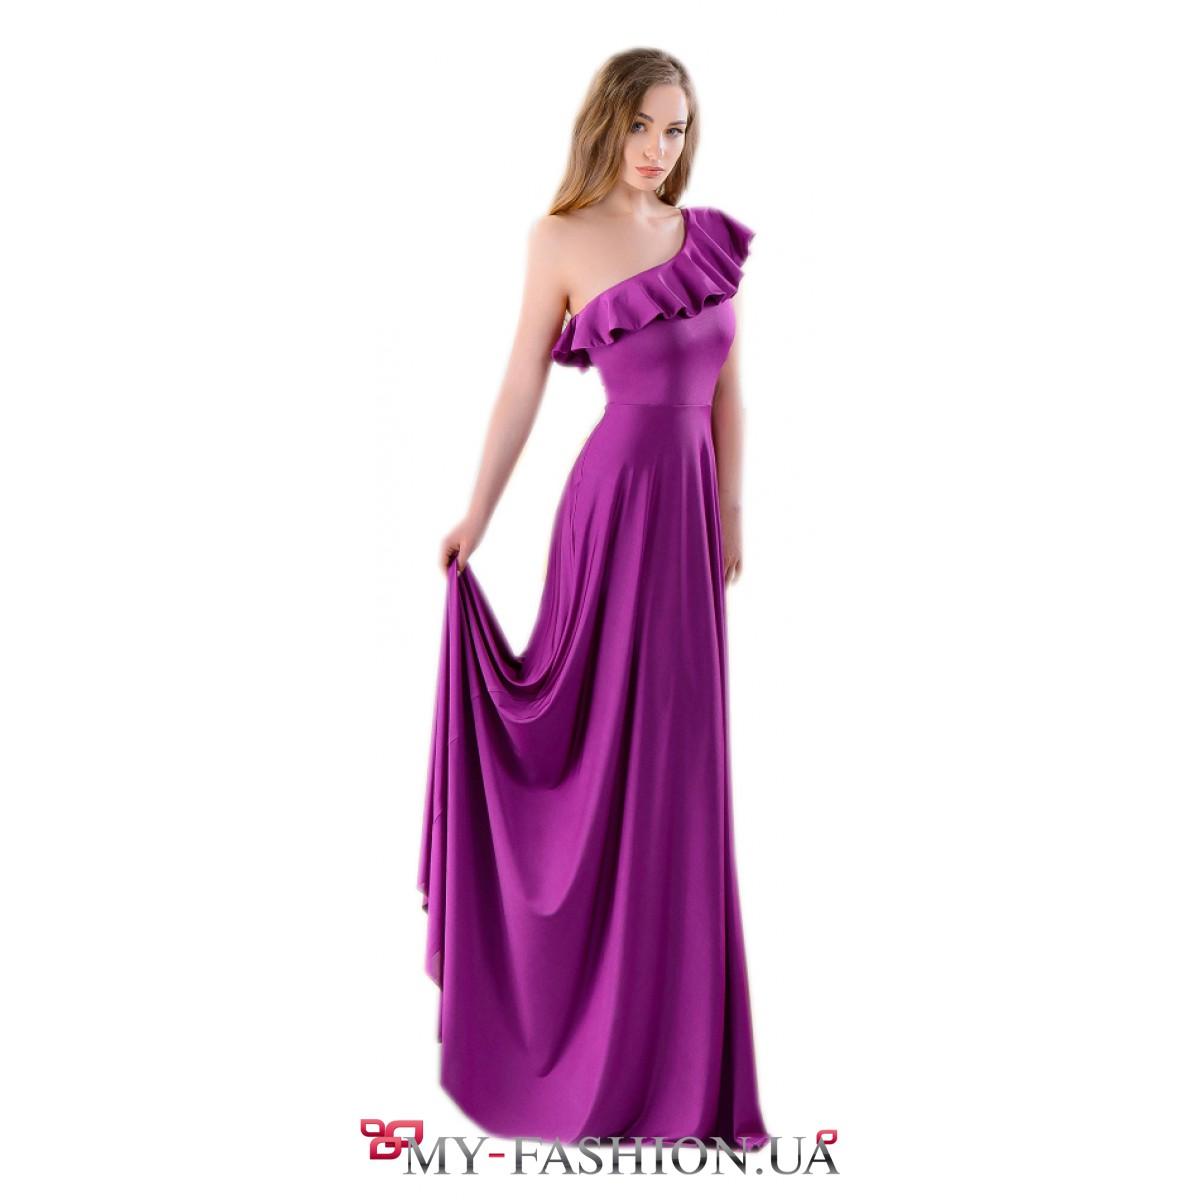 Платье фиолетового цвета купить